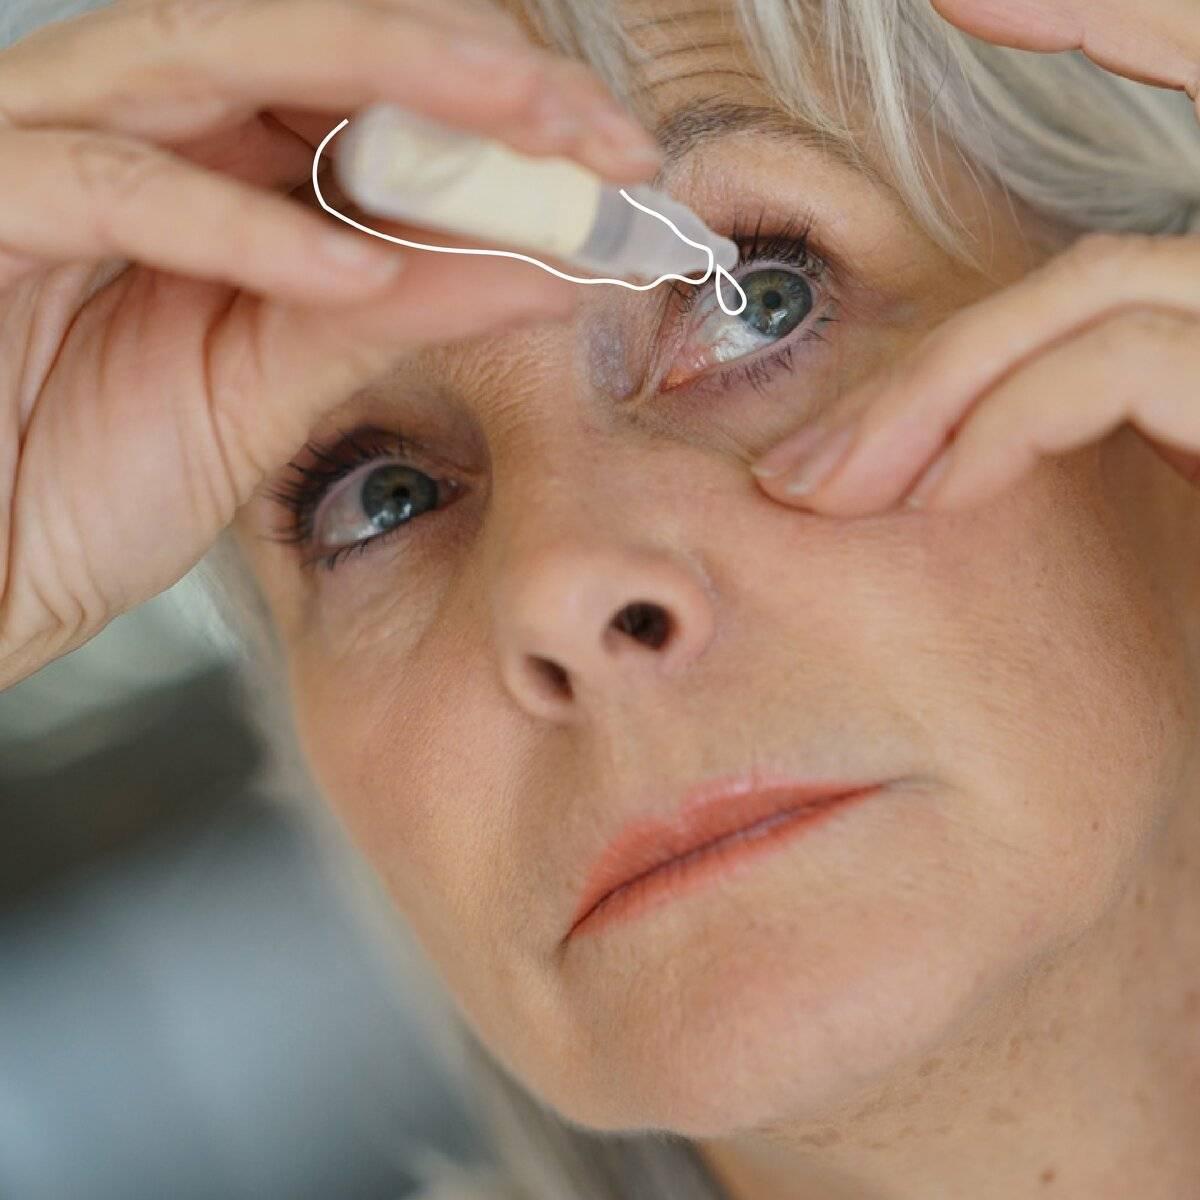 Лечение катаракты без операции реабилитация, профилактика, симптомы, по удалению, народными средствами, противопоказания